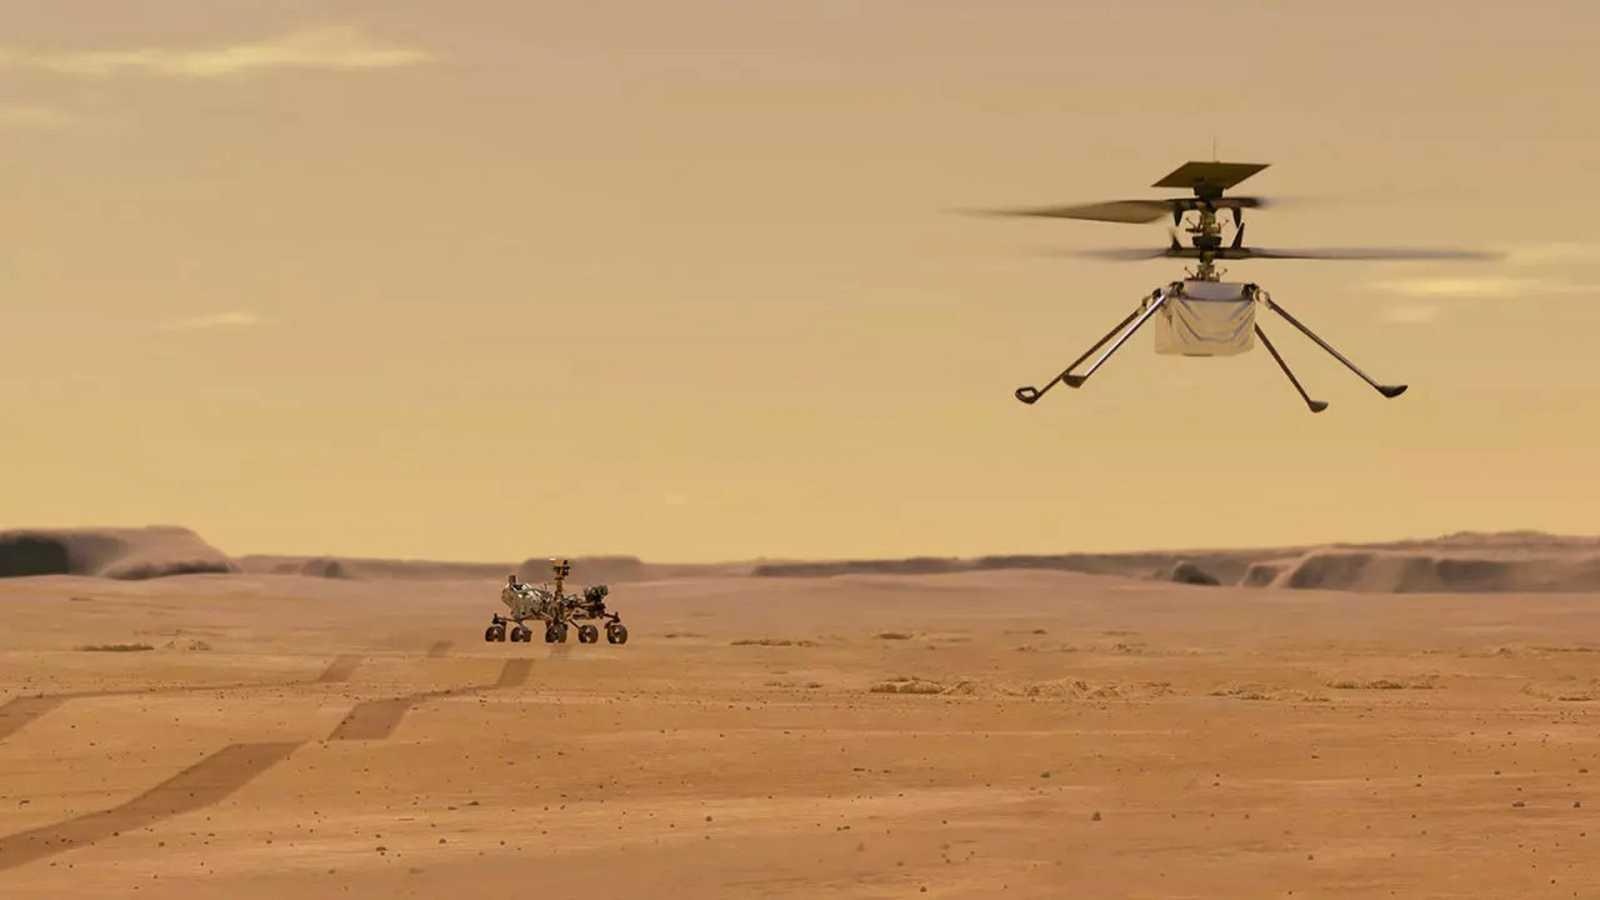 El impresionante hallazgo 3D captado por el helicóptero Ingenuity en Marte